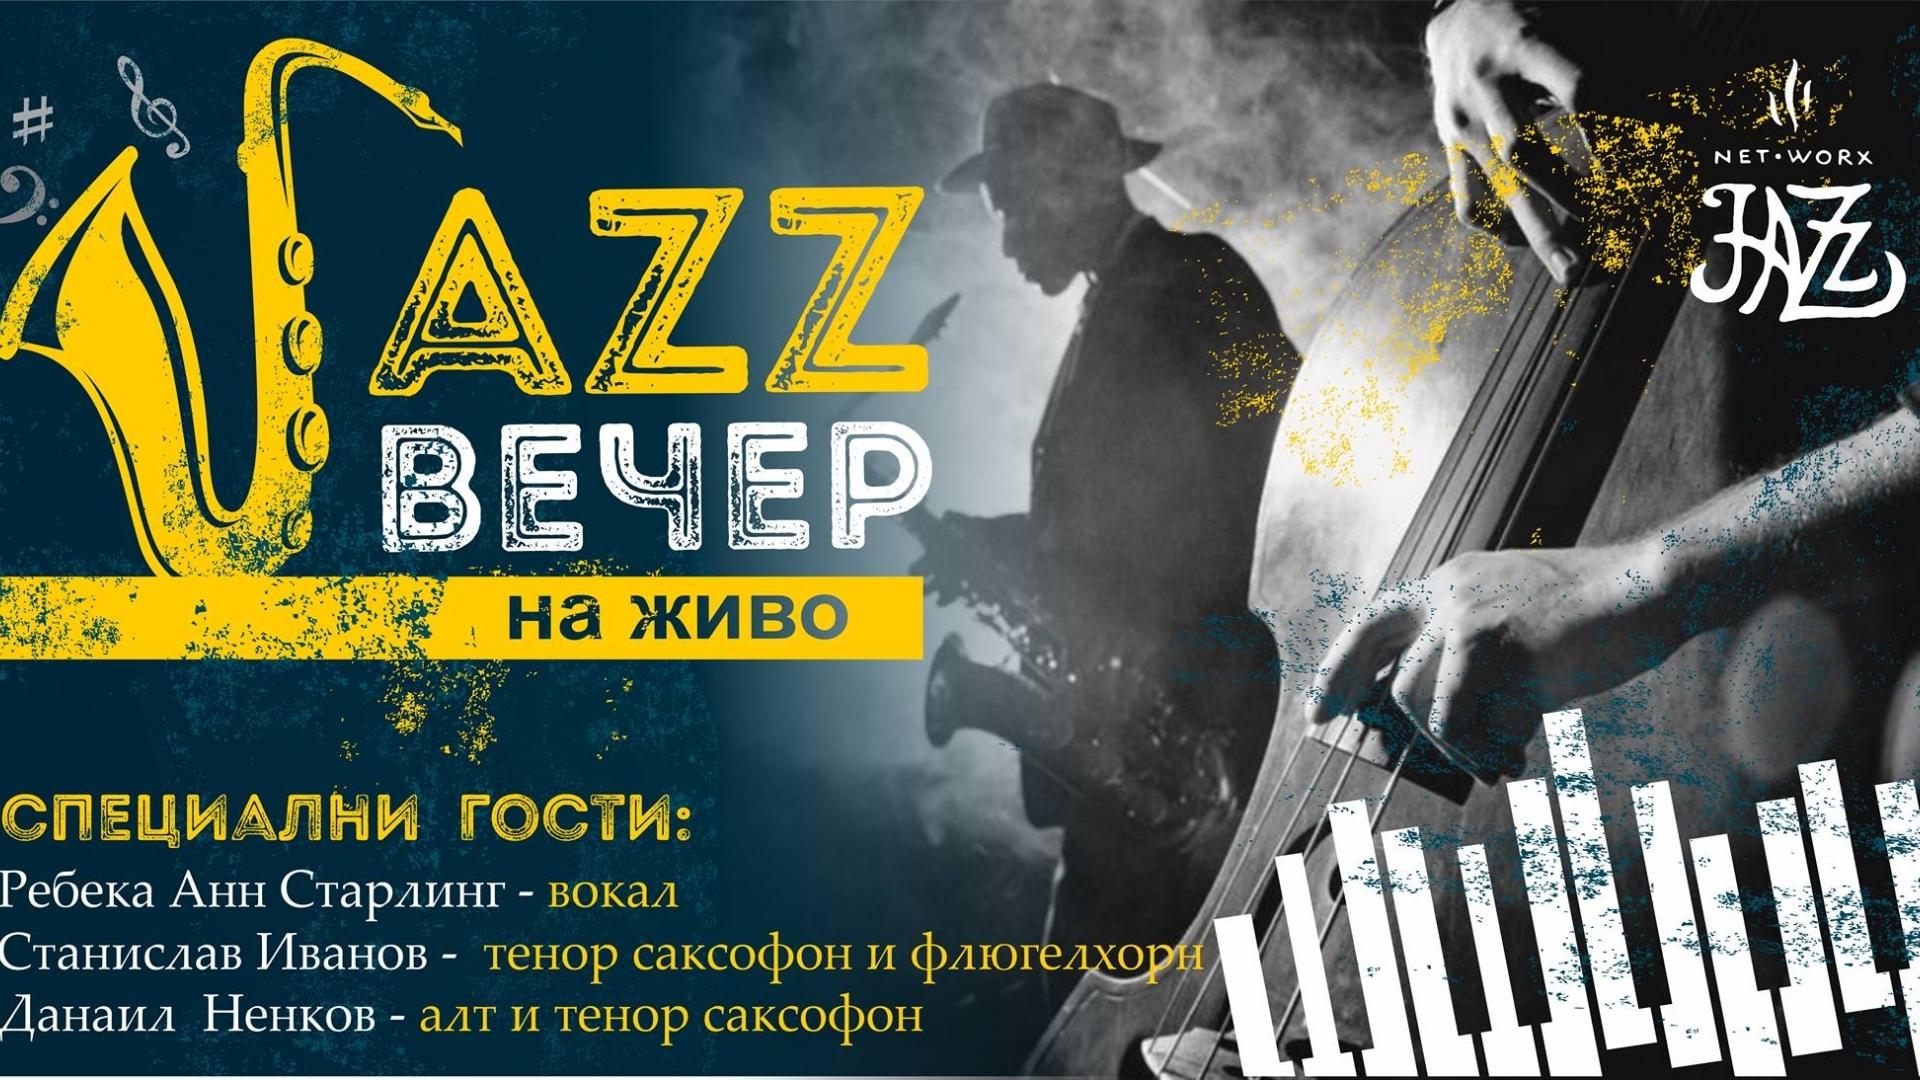 7 октомври 2017 - Джаз на живо в NetWorx Jazz